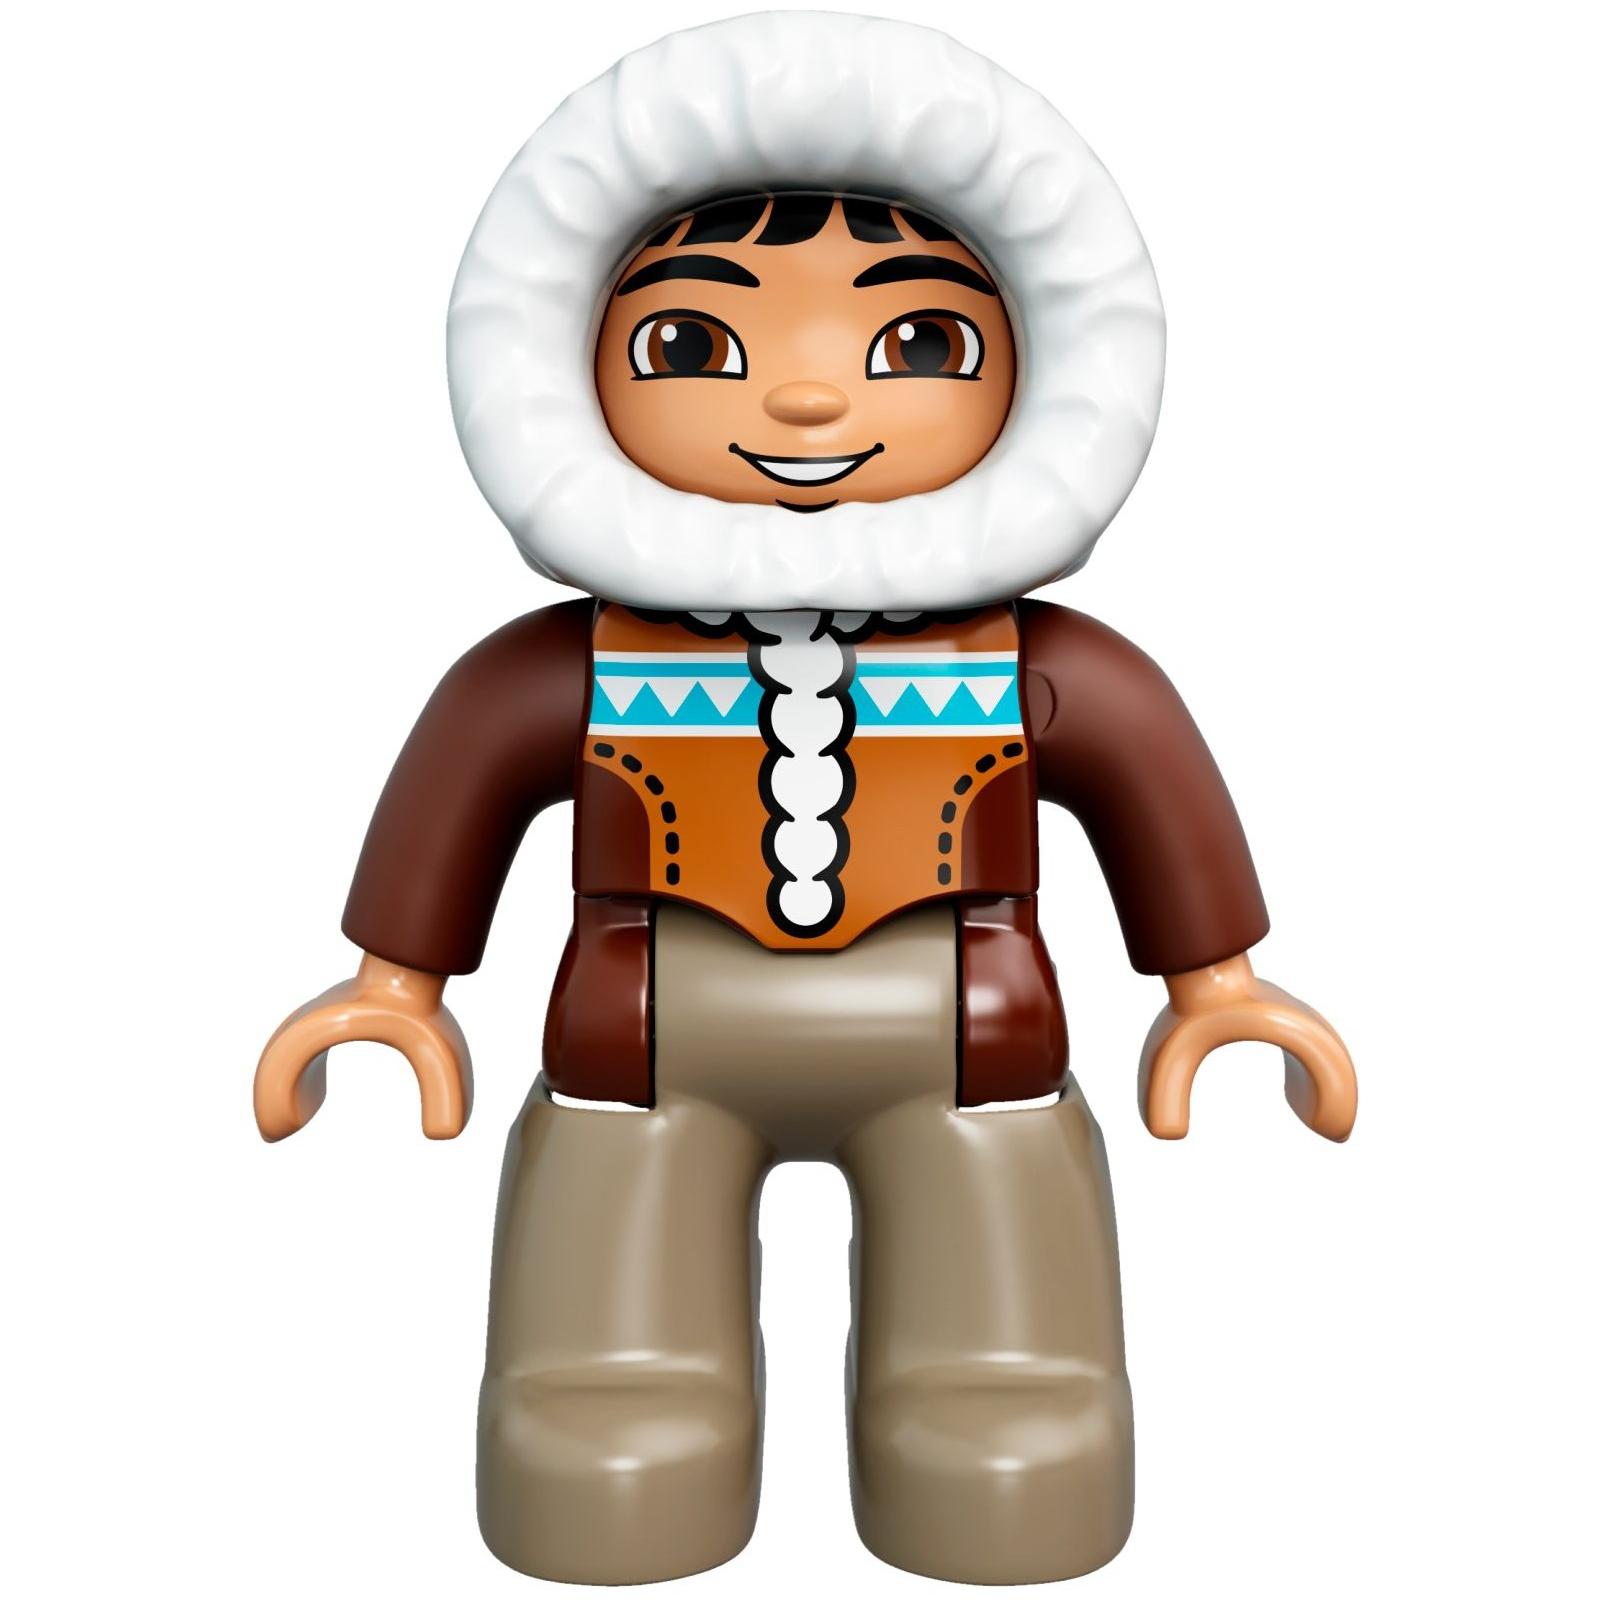 Конструктор LEGO Duplo Town Вокруг света (10805) изображение 9